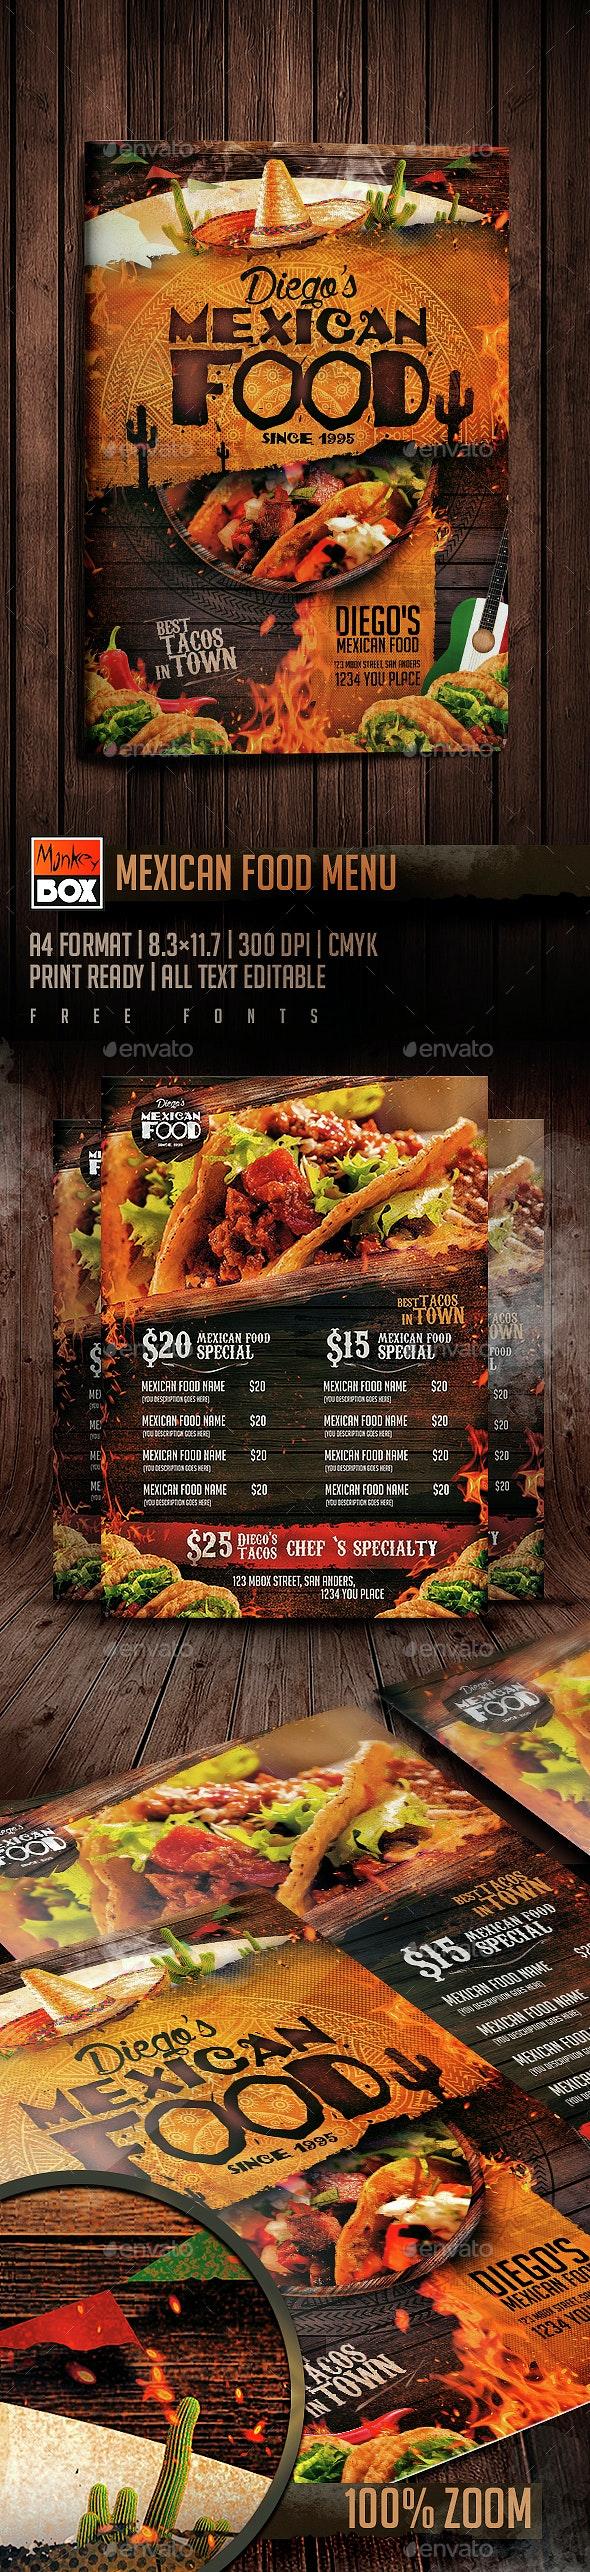 Mexican Food Menu - Restaurant Flyers